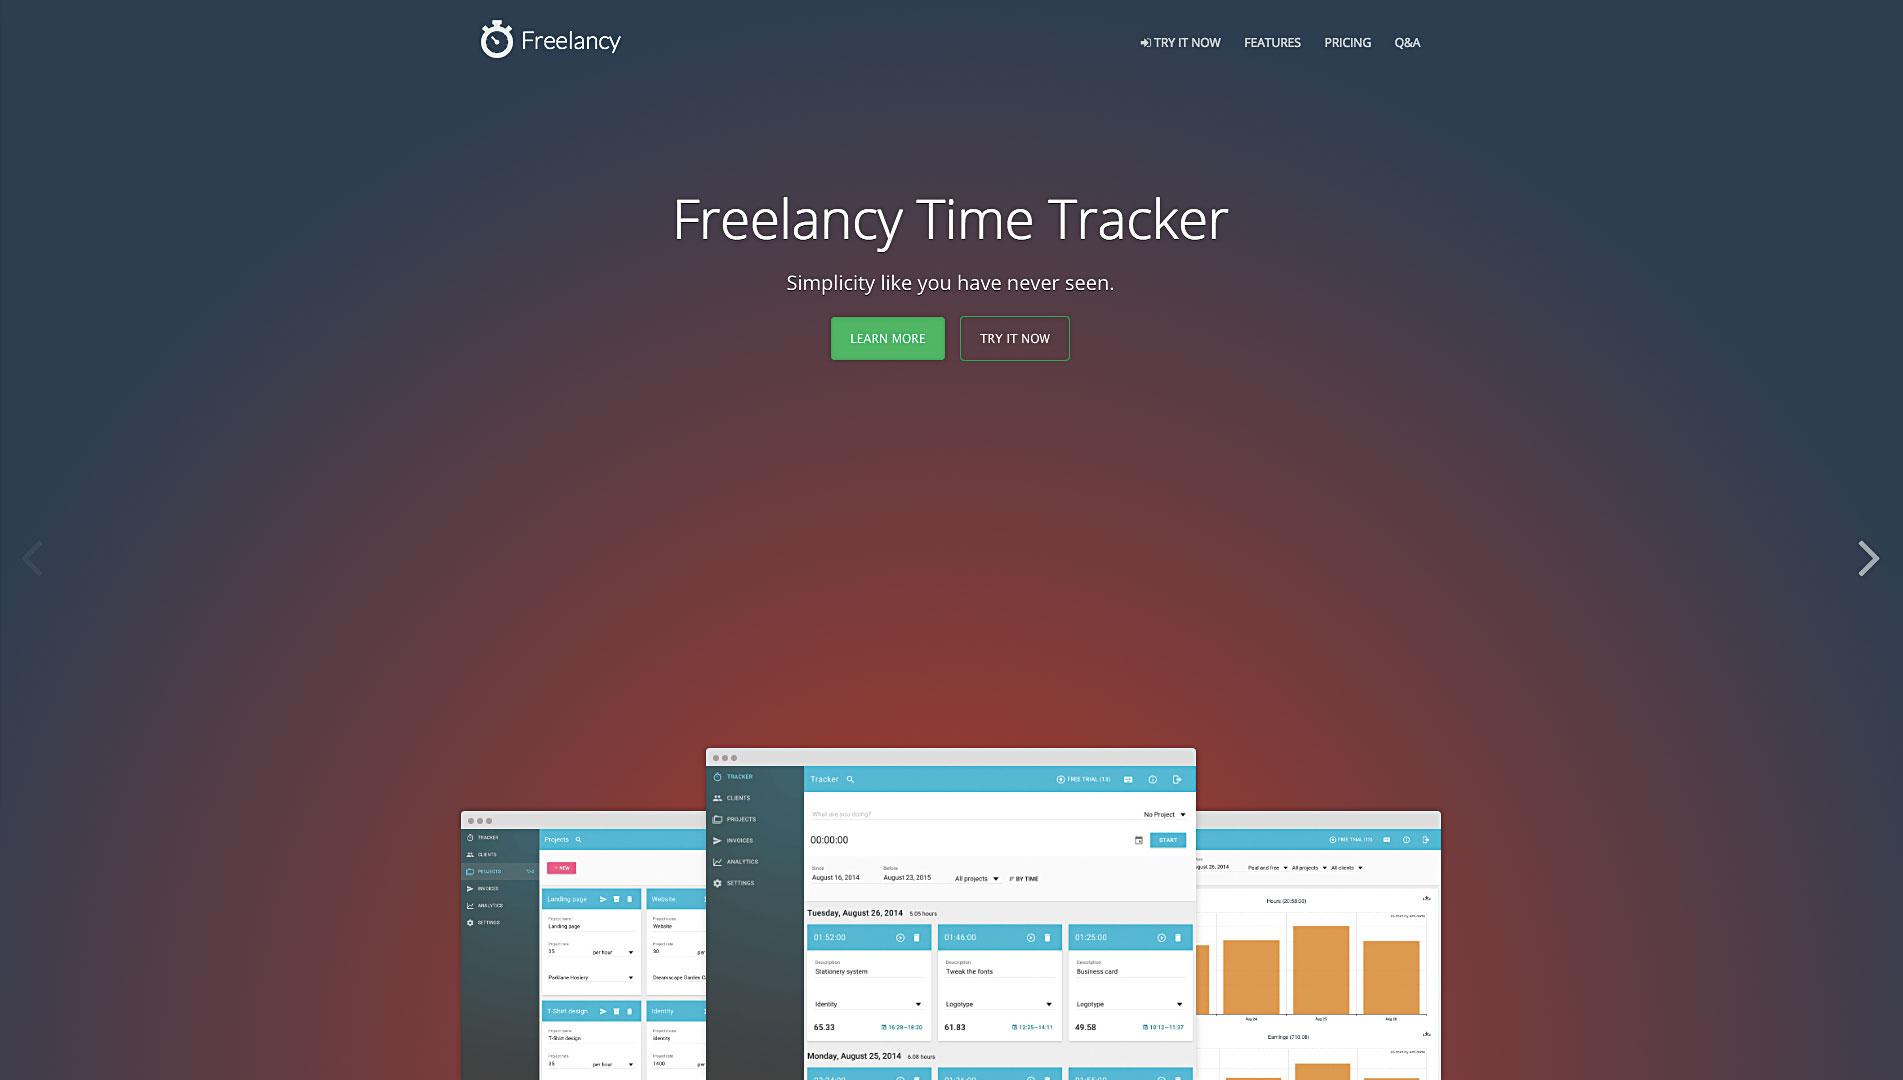 اگر شما ساعتی صورتحساب میدهید، Freelancy زمان صرف شده شما را به قرارداد تبدیل میکند; بدون استفاده از ریاضیات.